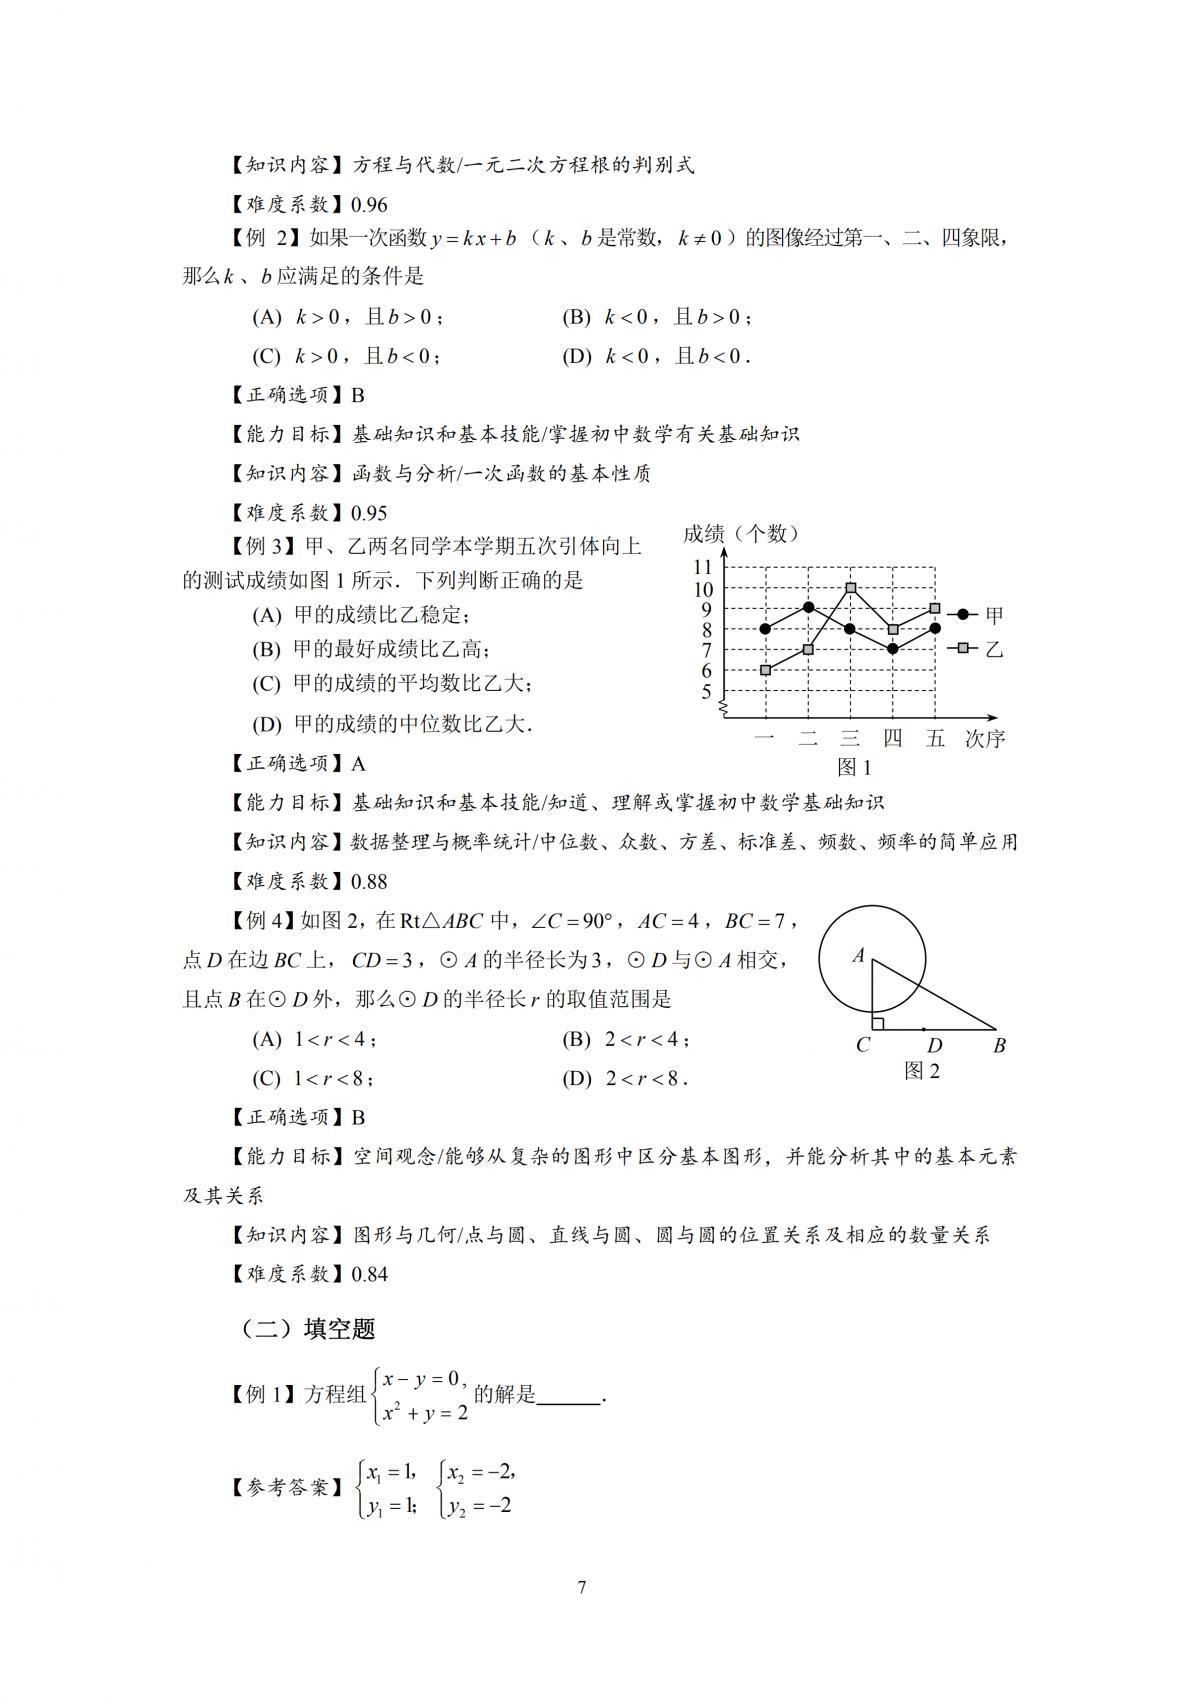 2020年上海市初中数学课程终结性评价指南